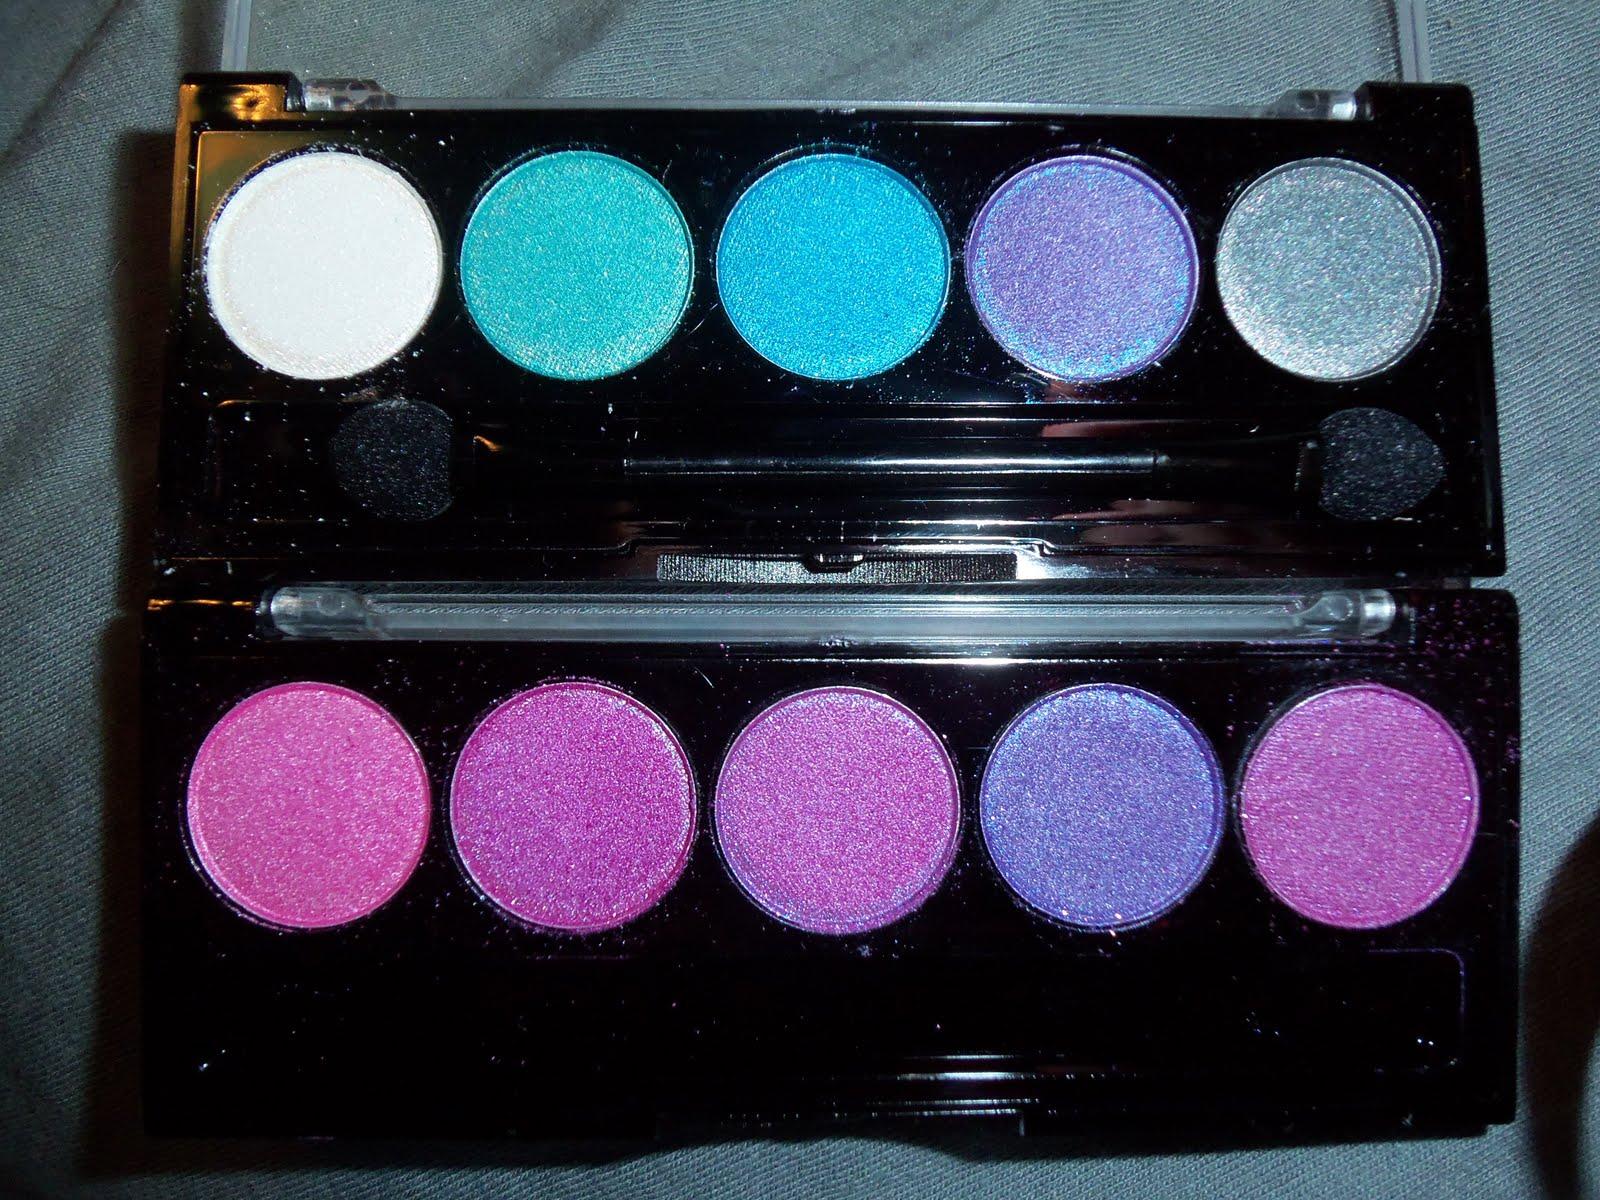 LA Colors 5 Color Metallic Eyeshadow Palette in Soiree, Ocean ...